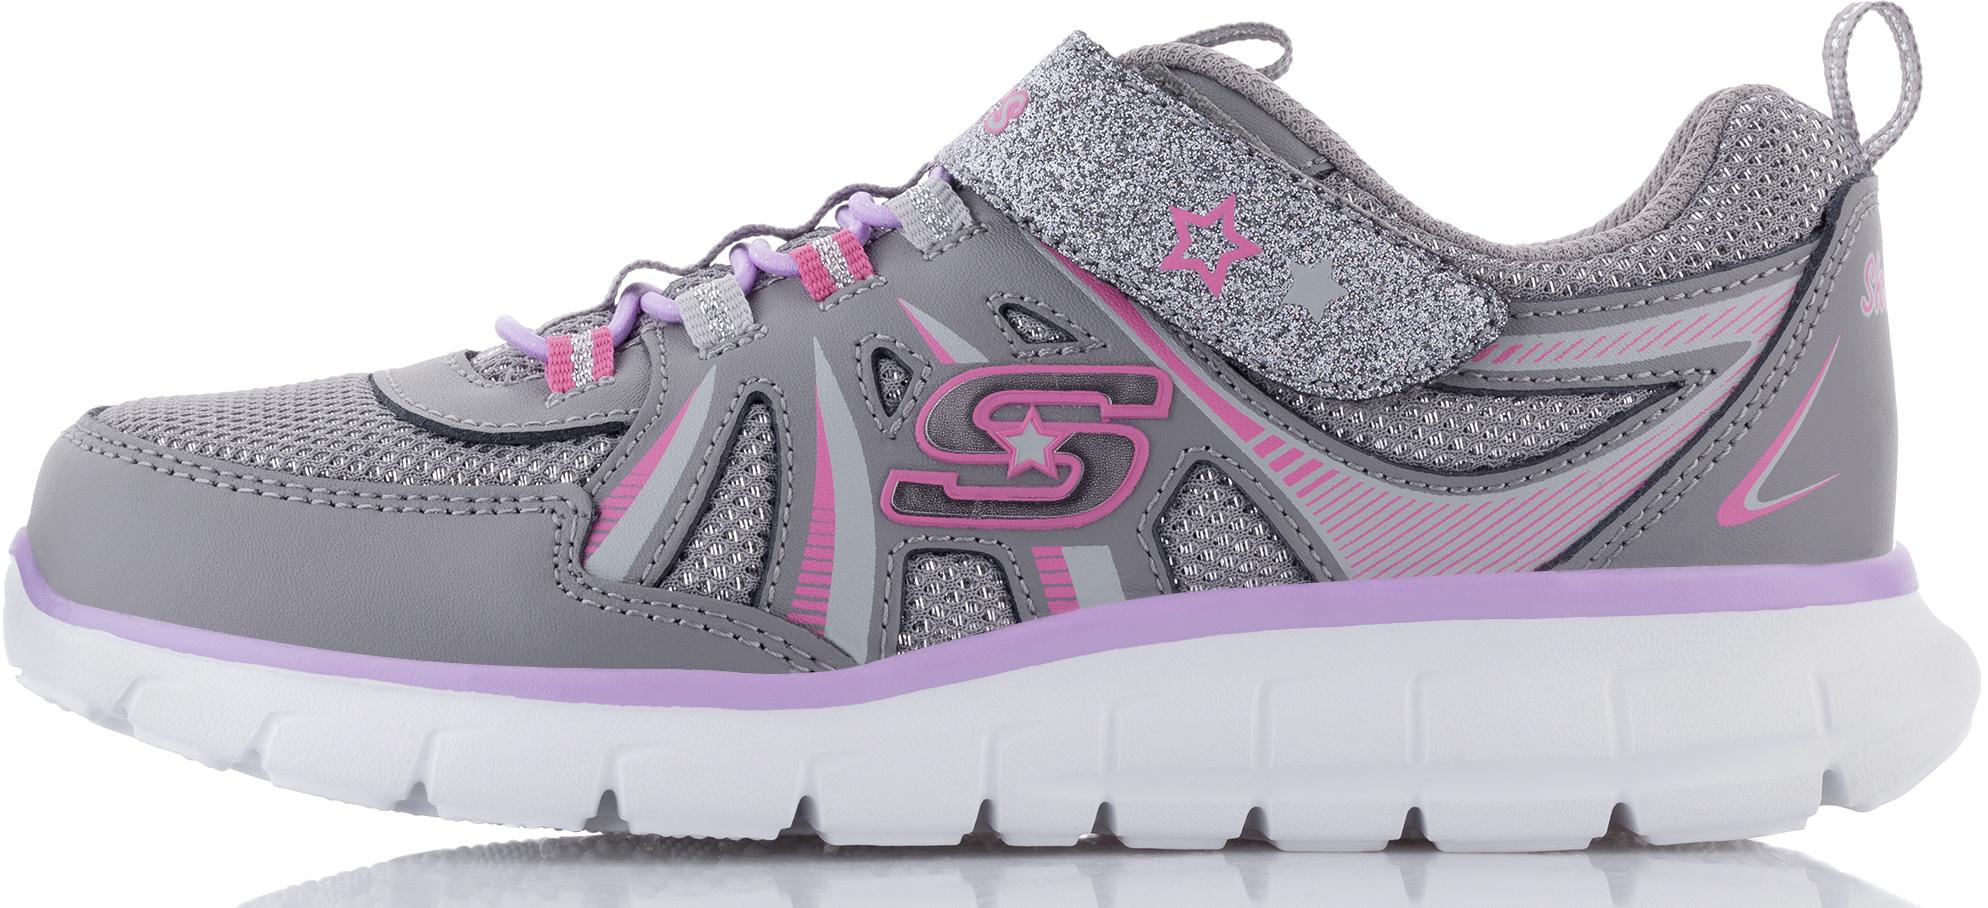 Skechers Кроссовки для девочек Skechers детские кожаные кроссовки для девочек